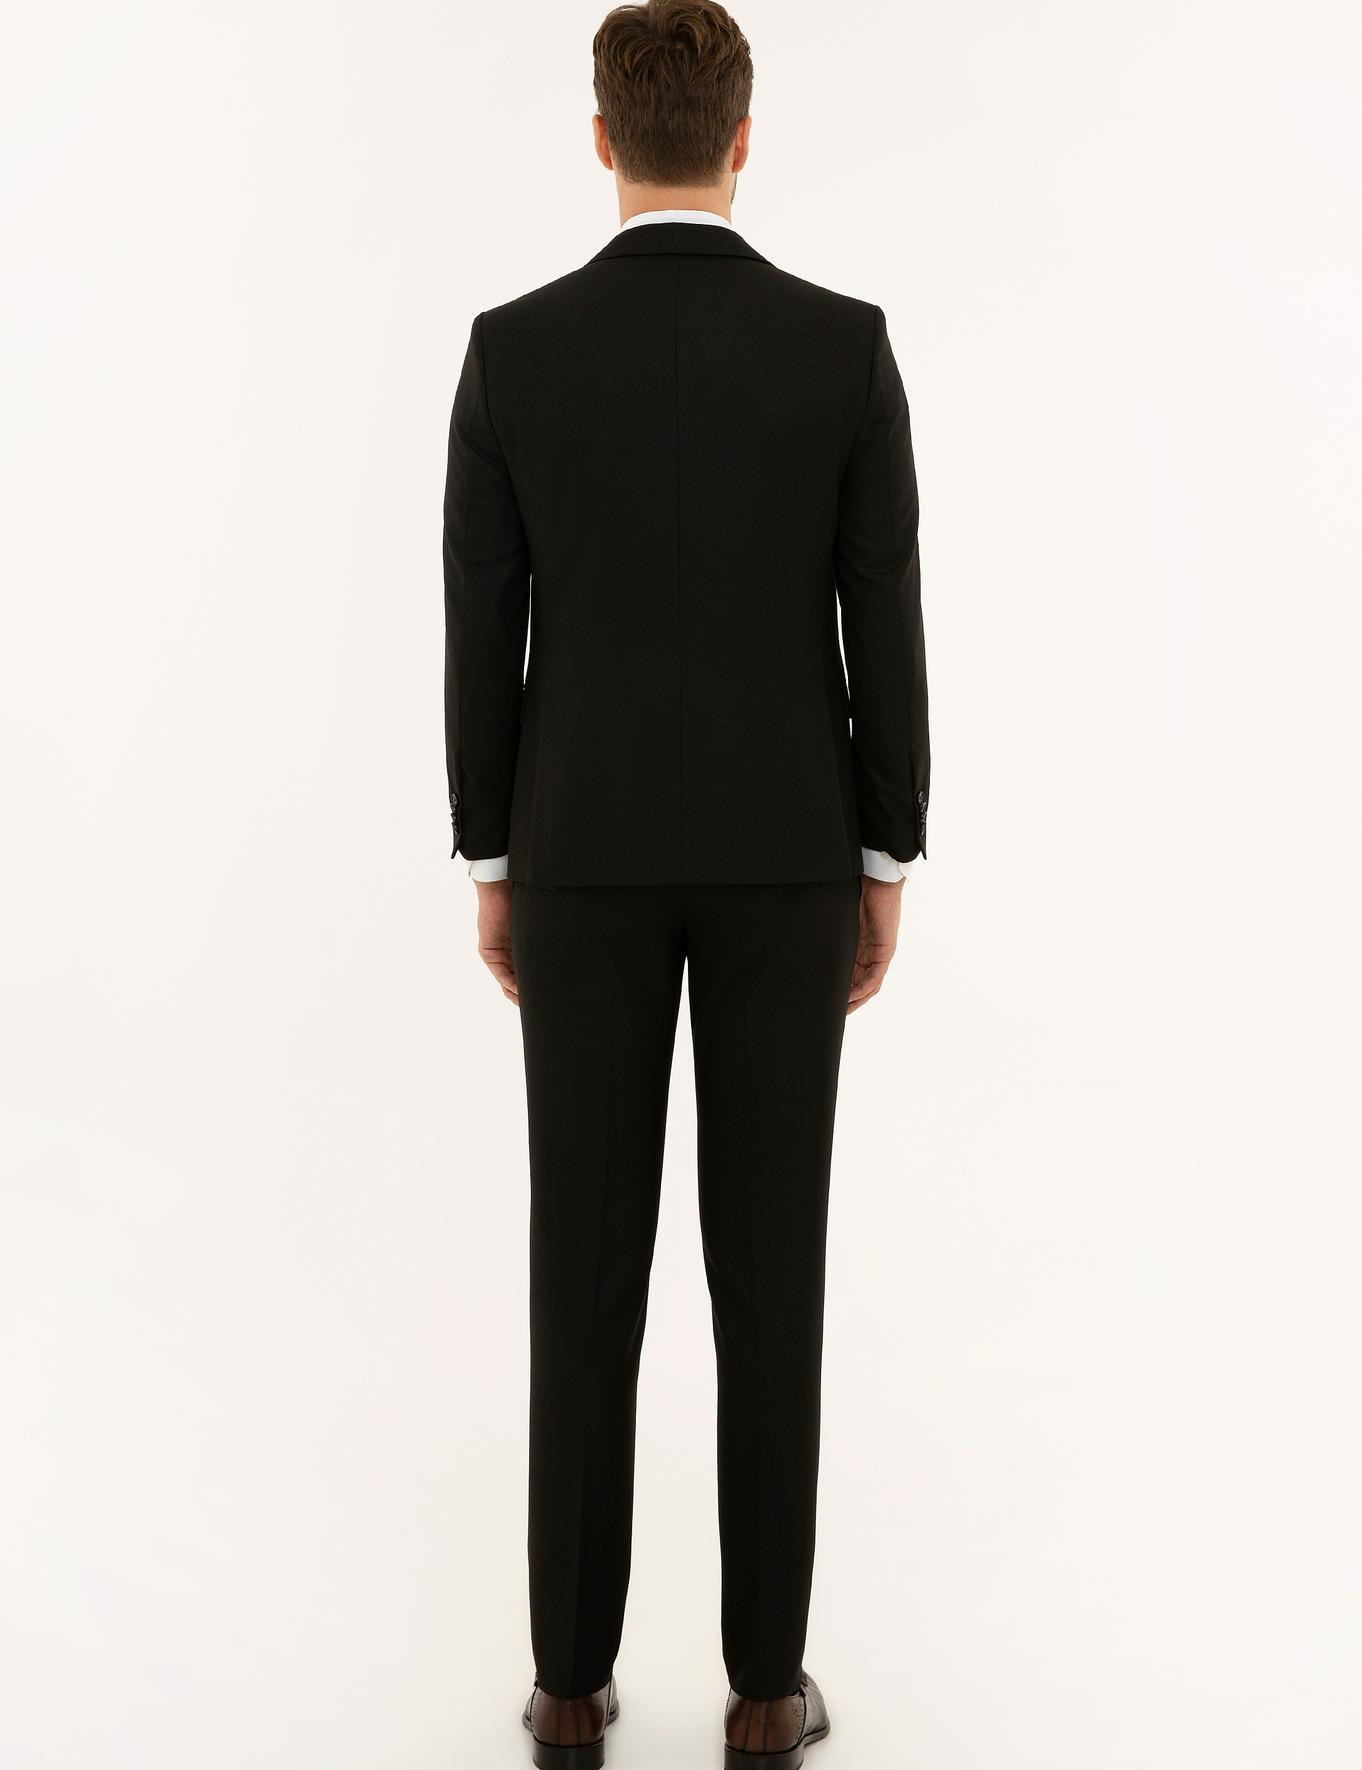 Siyah Ex. Slim Fit Takım Elbise - 50224579041